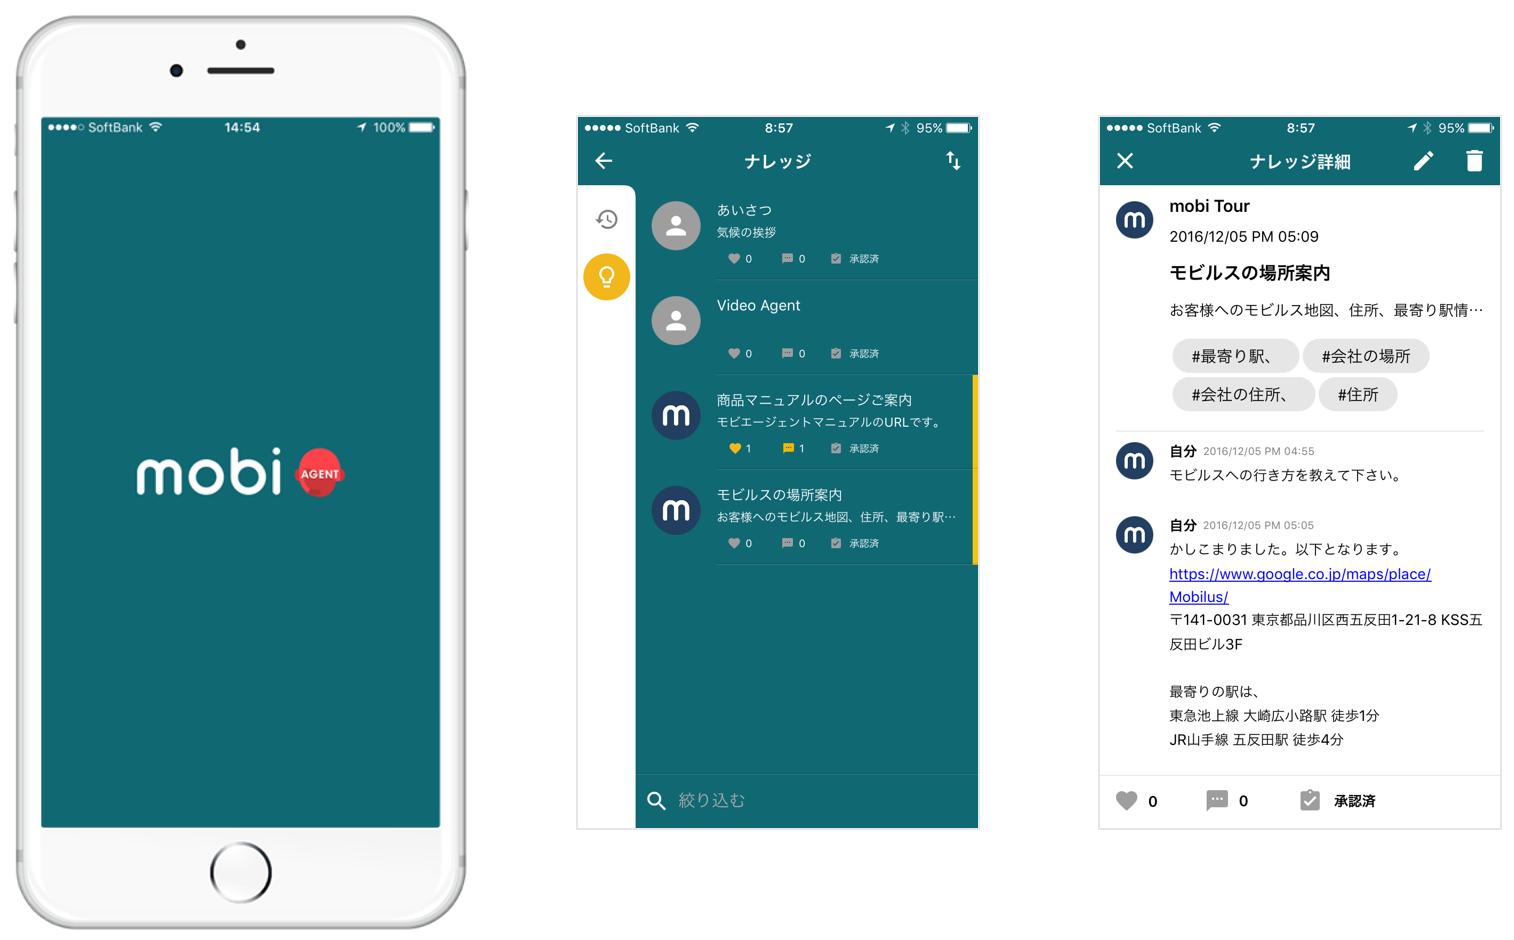 ナレッジ機能のiOSアプリ対応